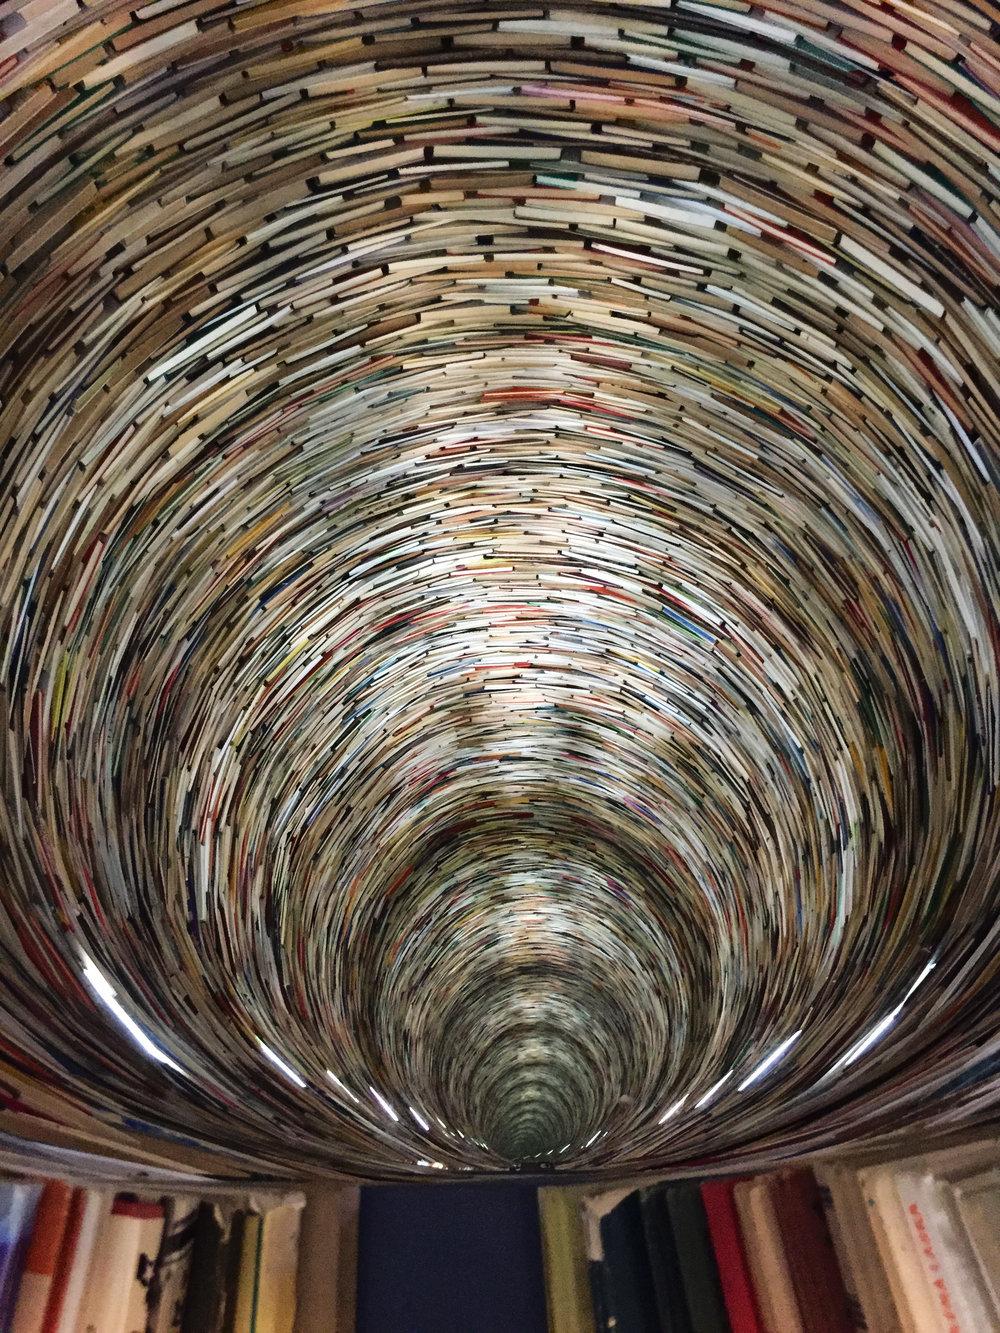 Prague Public Library | Prague, Czech Republic